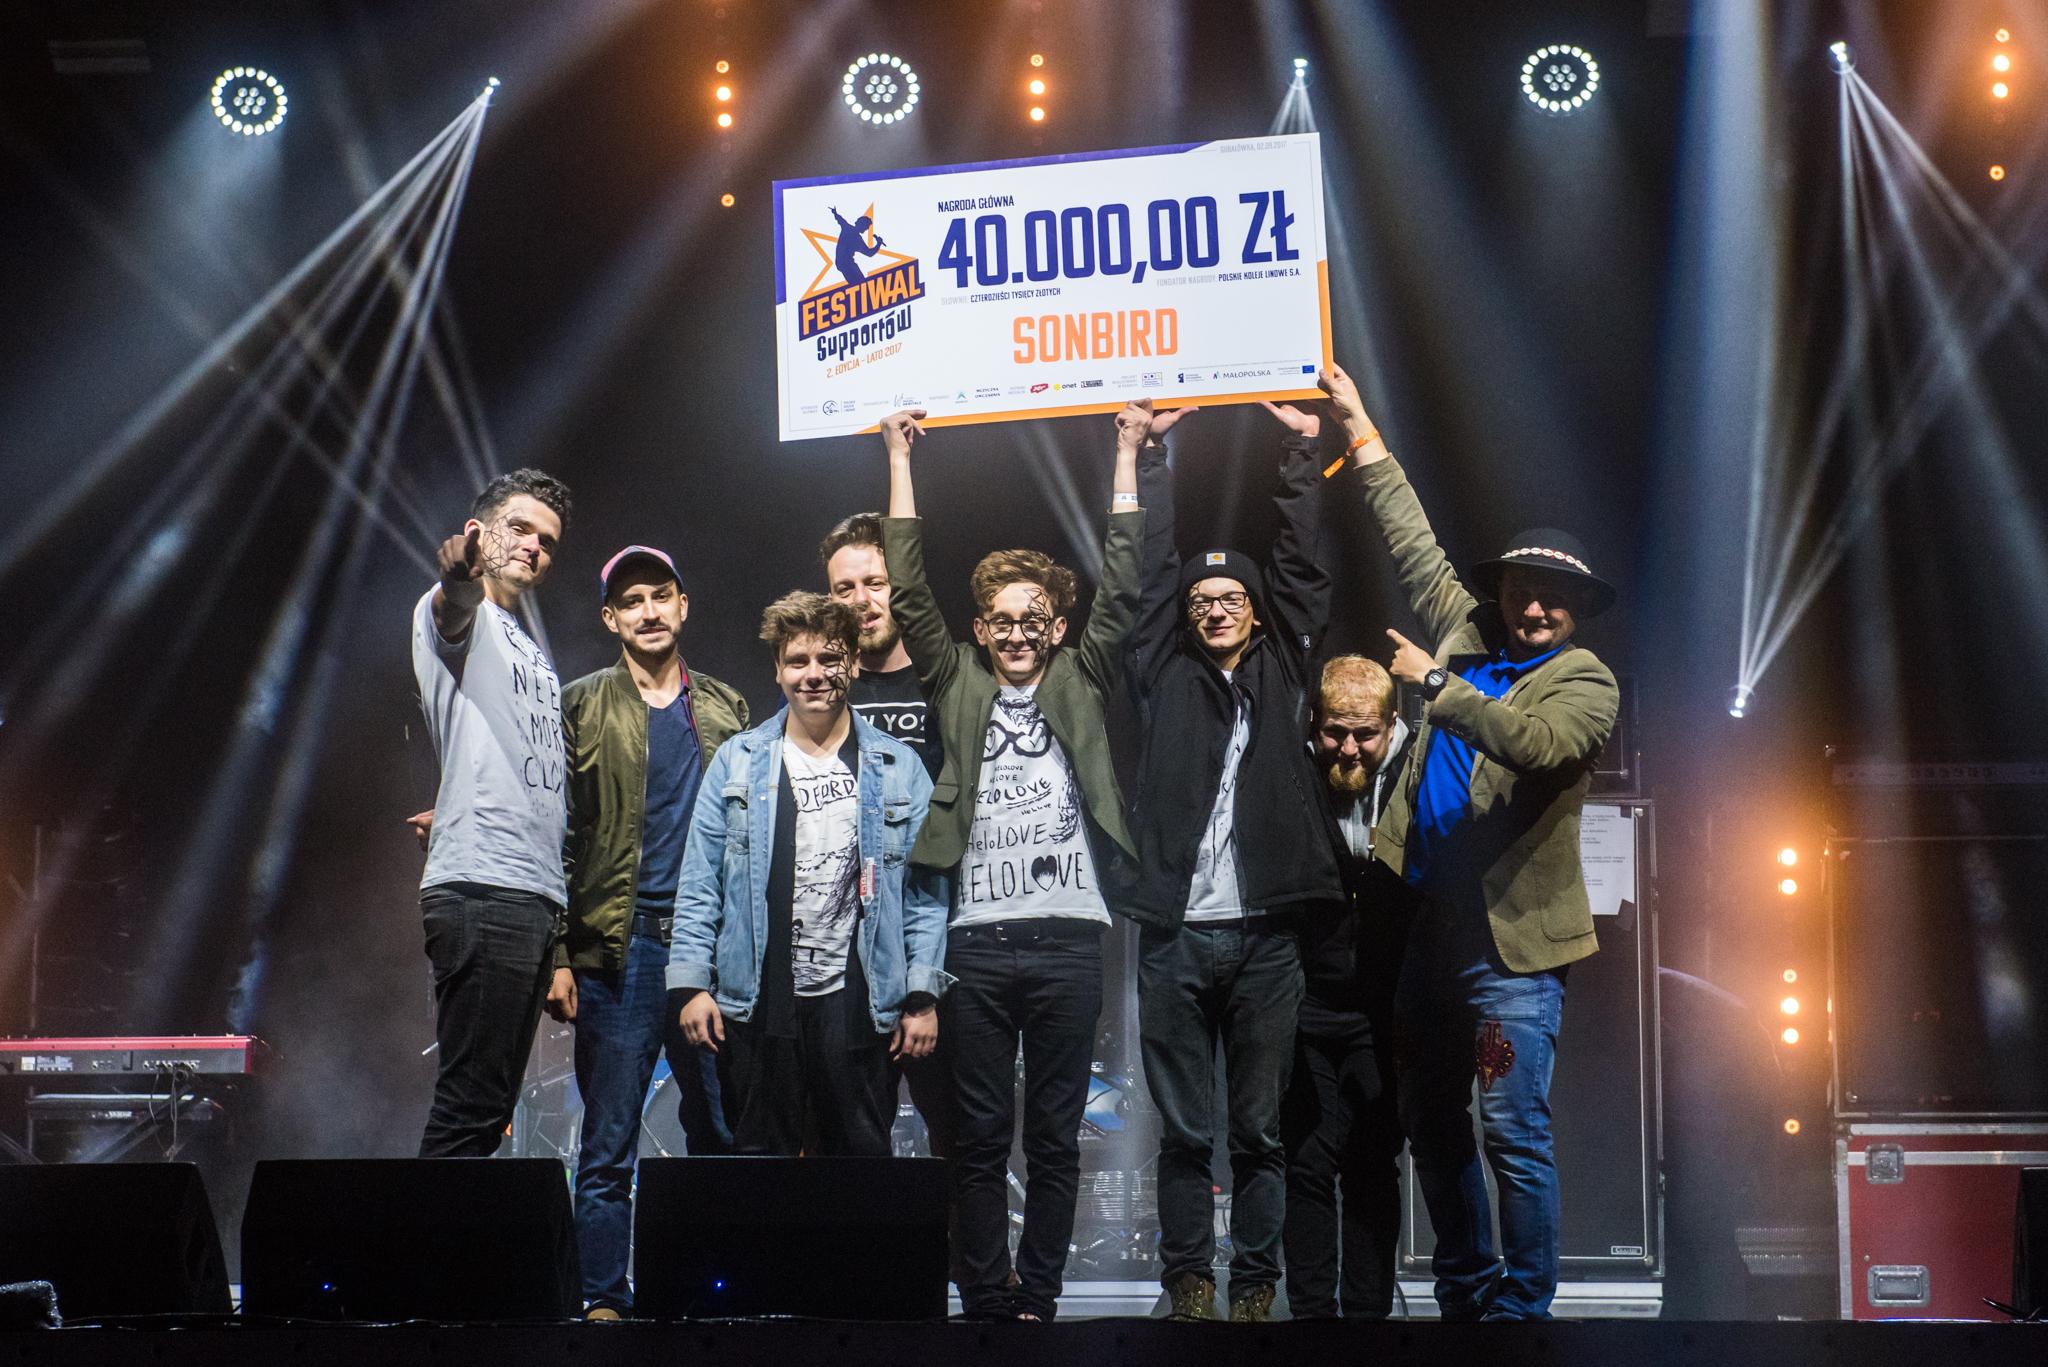 Sonbird - zwycięzca 2. edycji Festiwalu Supportów